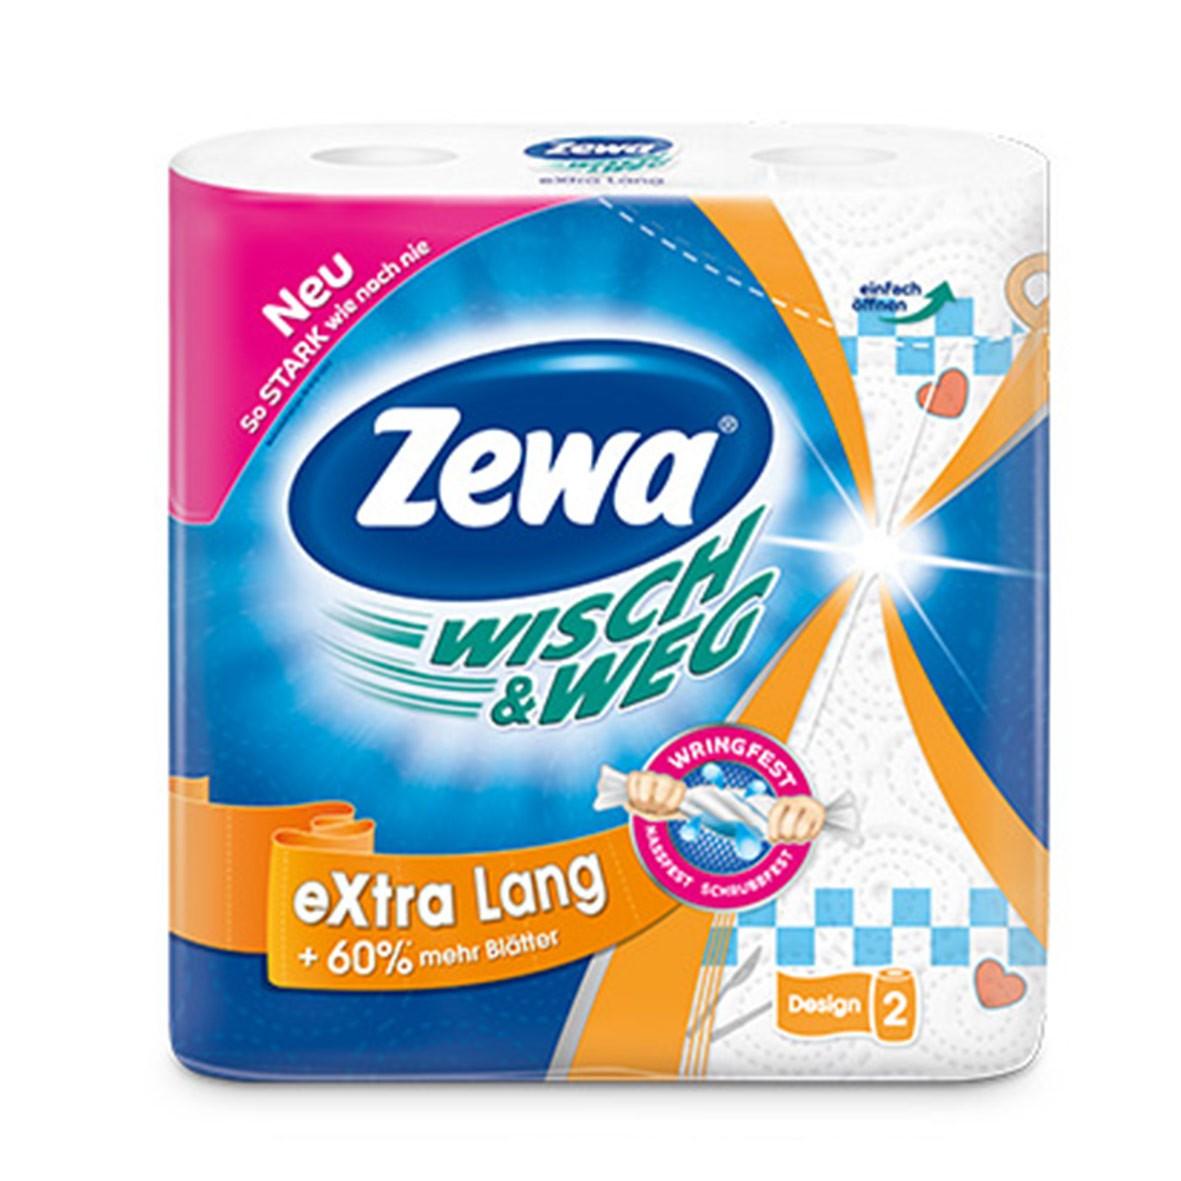 Полотенца бумажные Zewa Wish&Weg, 2 рулона42830Бумажные полотенца с рисунком от ZEWA – это яркий стиль жизни. Два плотных слоя прочных полотенец обеспечивают легкое удаление сухих и влажных загрязнений. Благодаря красочному дизайну они поднимают настроение и украшают ваш дом. Белые 2-х слойные прочные бумажные полотенца с цветным рисунком 2 рулона в упаковке Состав: целлюлоза Производство: Германия